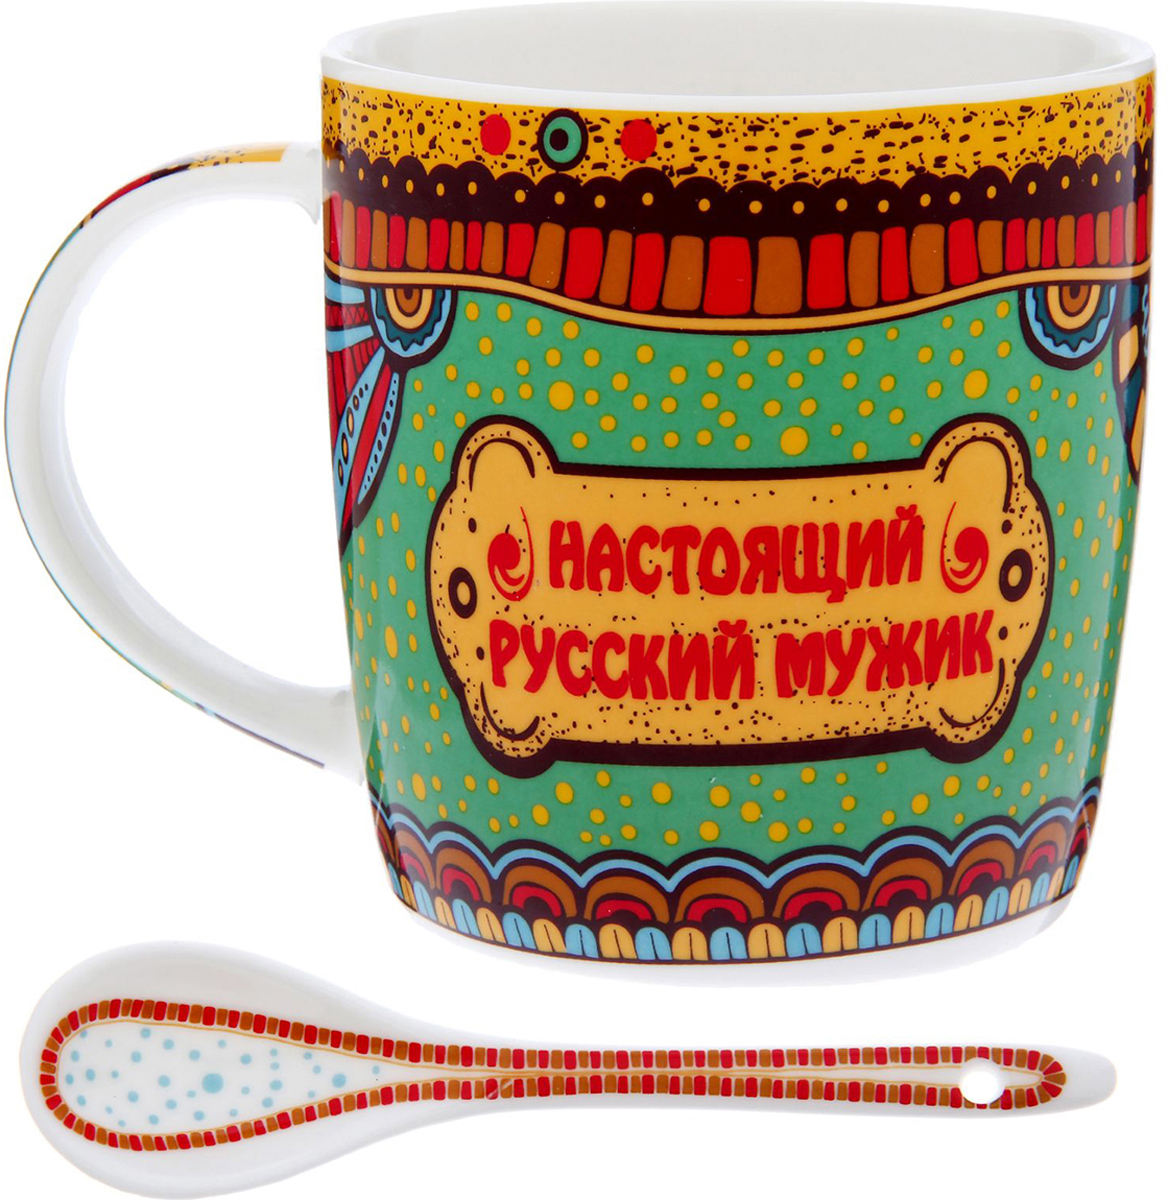 Кружка Sima-Land Настоящий русский мужик, с ложкой, 350 мл. 11161531116153Уют в любом месте - дома или на работе - складывается из мелочей. Любой напиток станет вкуснее и ароматнее, если у вас есть такая кружка с ложкой.Устраивайте чаепитие и наслаждайтесь любимым десертом. А в этом поможет: оптимальный объем и необычный яркий дизайн будут поднимать настроение изо дня в день.Кружка с ложкой упакована в оригинальную коробку и уже готова стать идеальным подарком для близкого человека.Радуйте и удивляйте любимых людей!